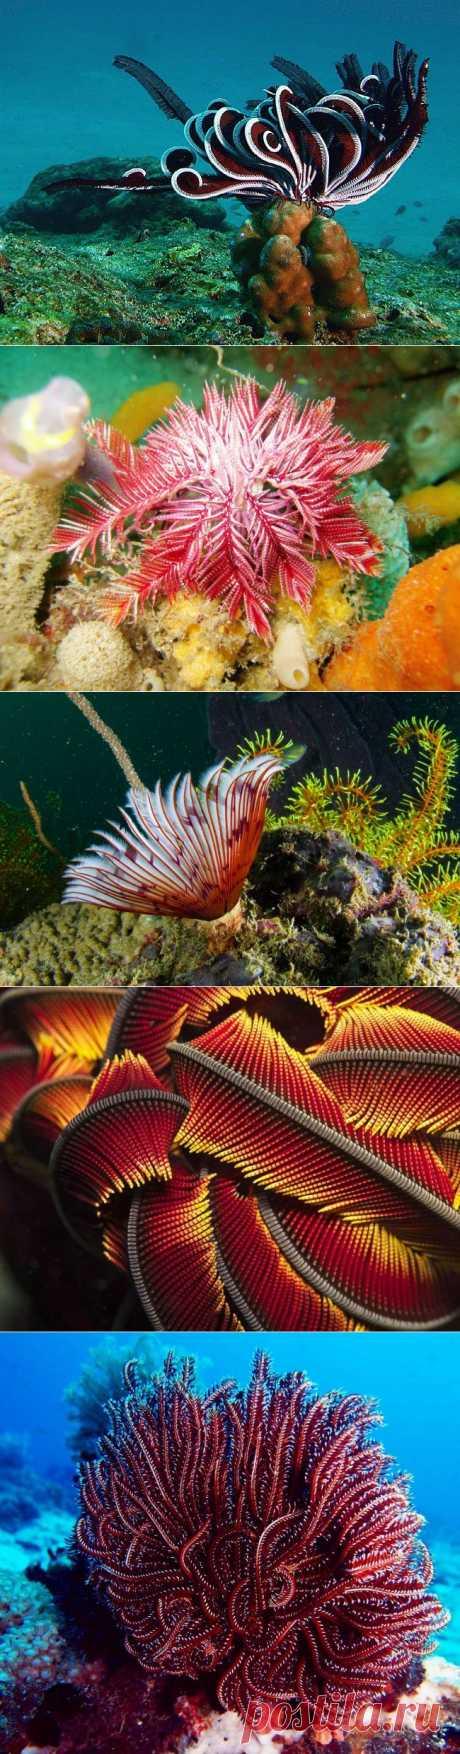 Морские лилии - цветы или животные?